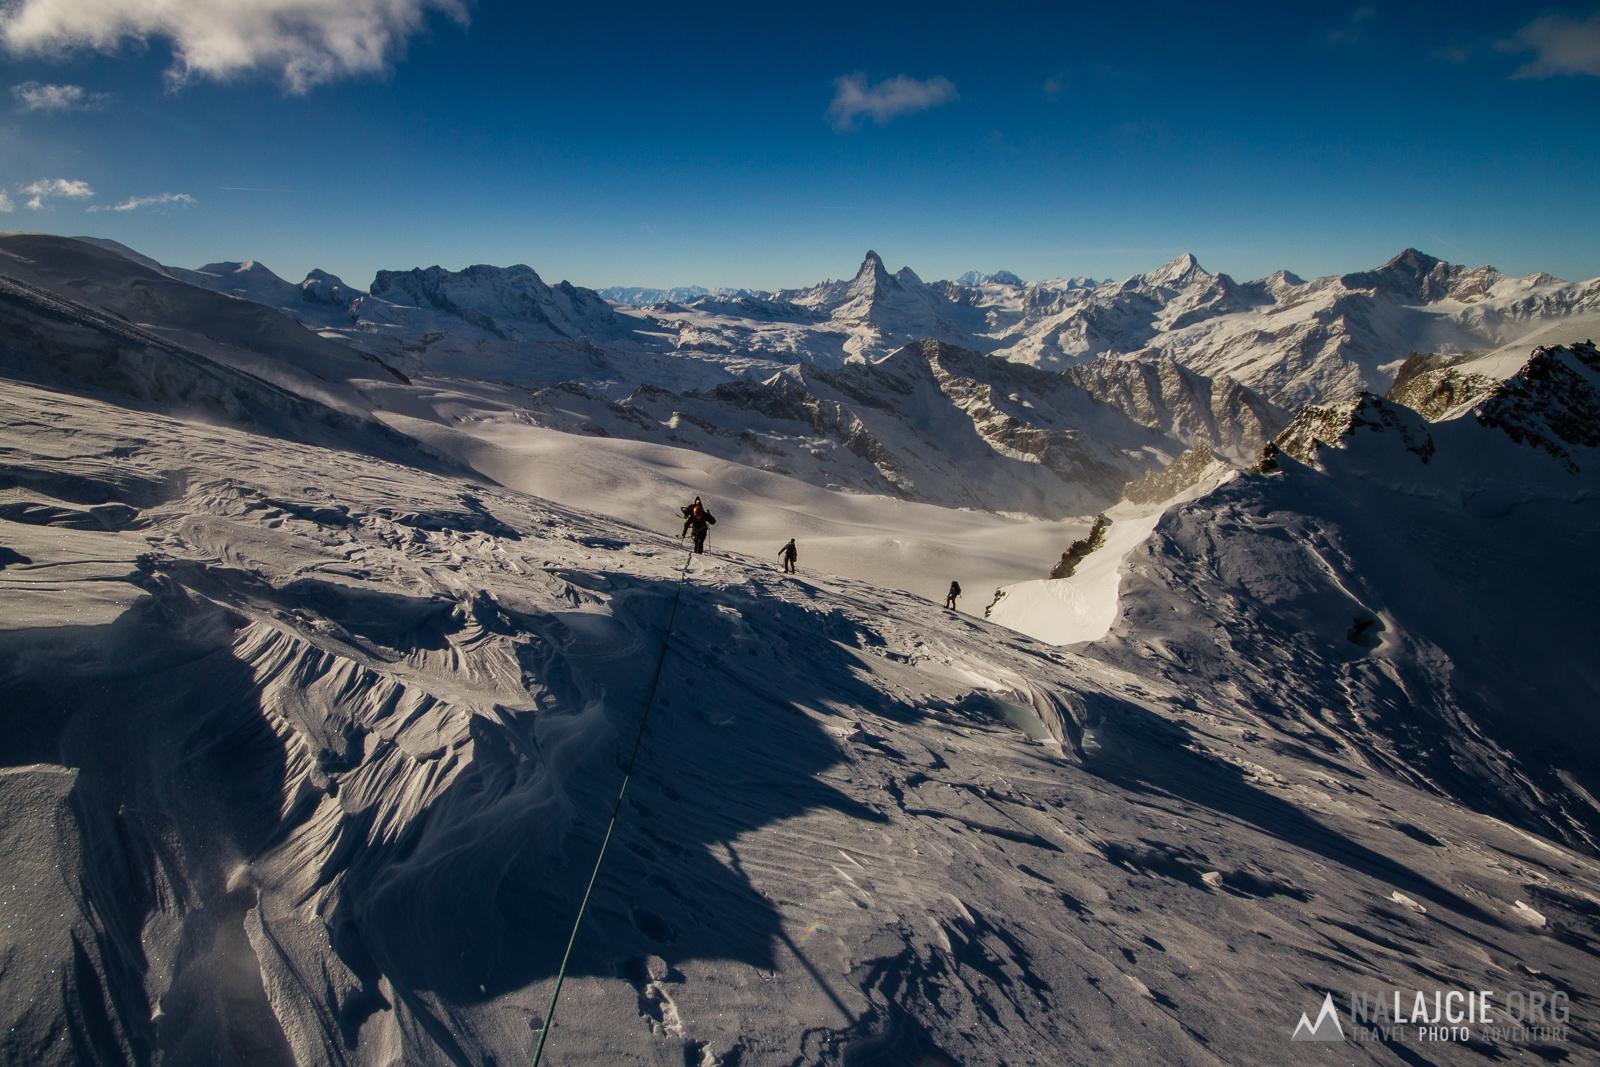 Podejście z przełęczy, w tle Matternhorn